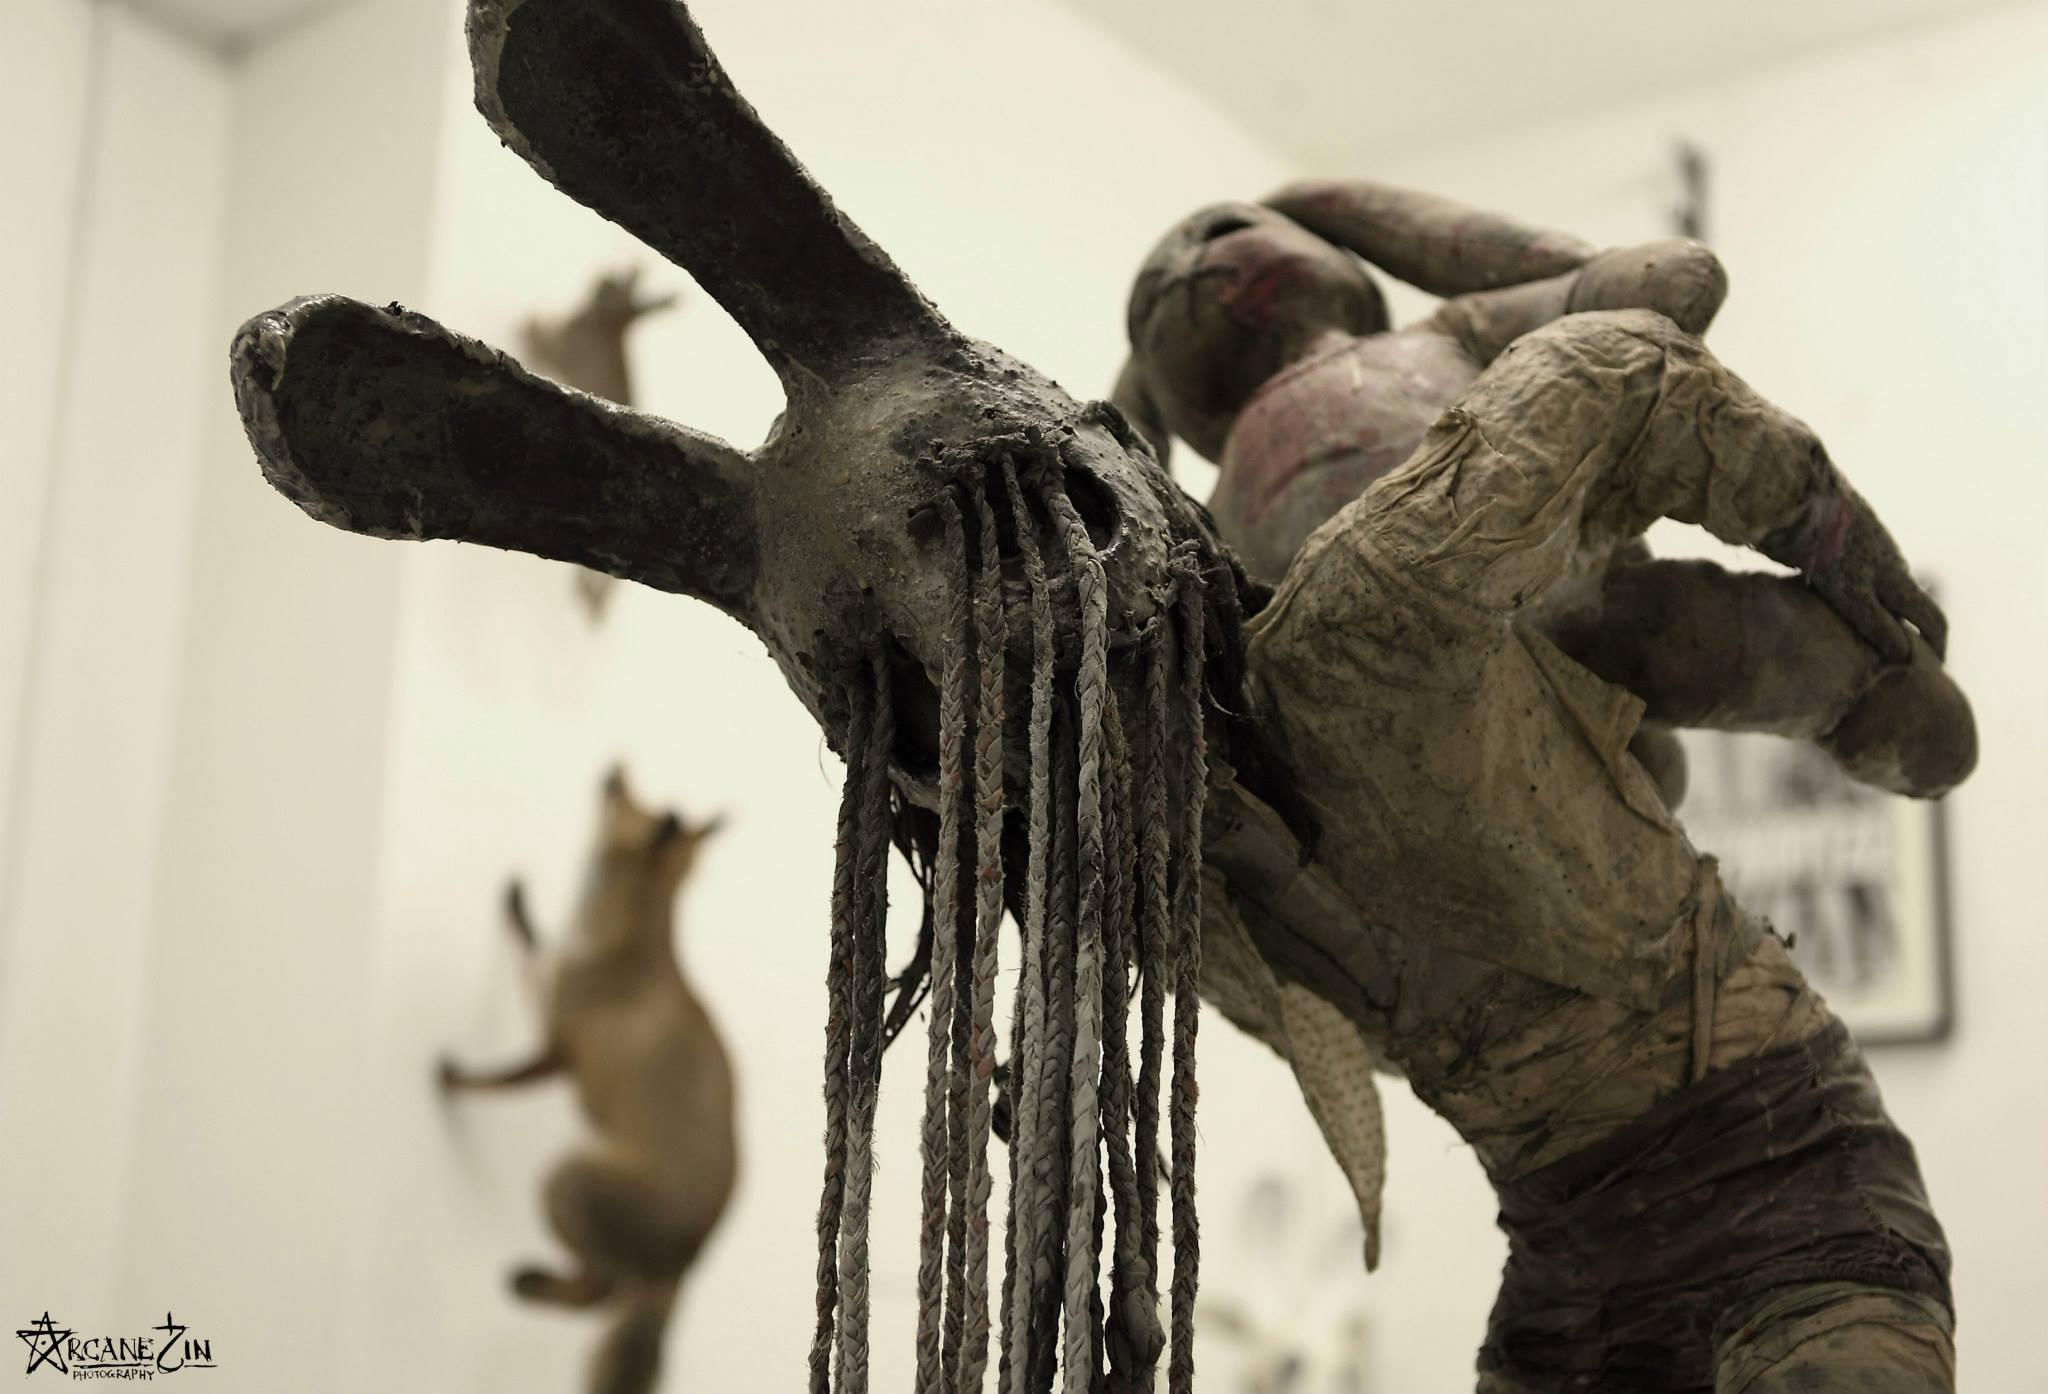 Paul Toupet – Sculpture (detail)Copyright © Arcane Sin 2013